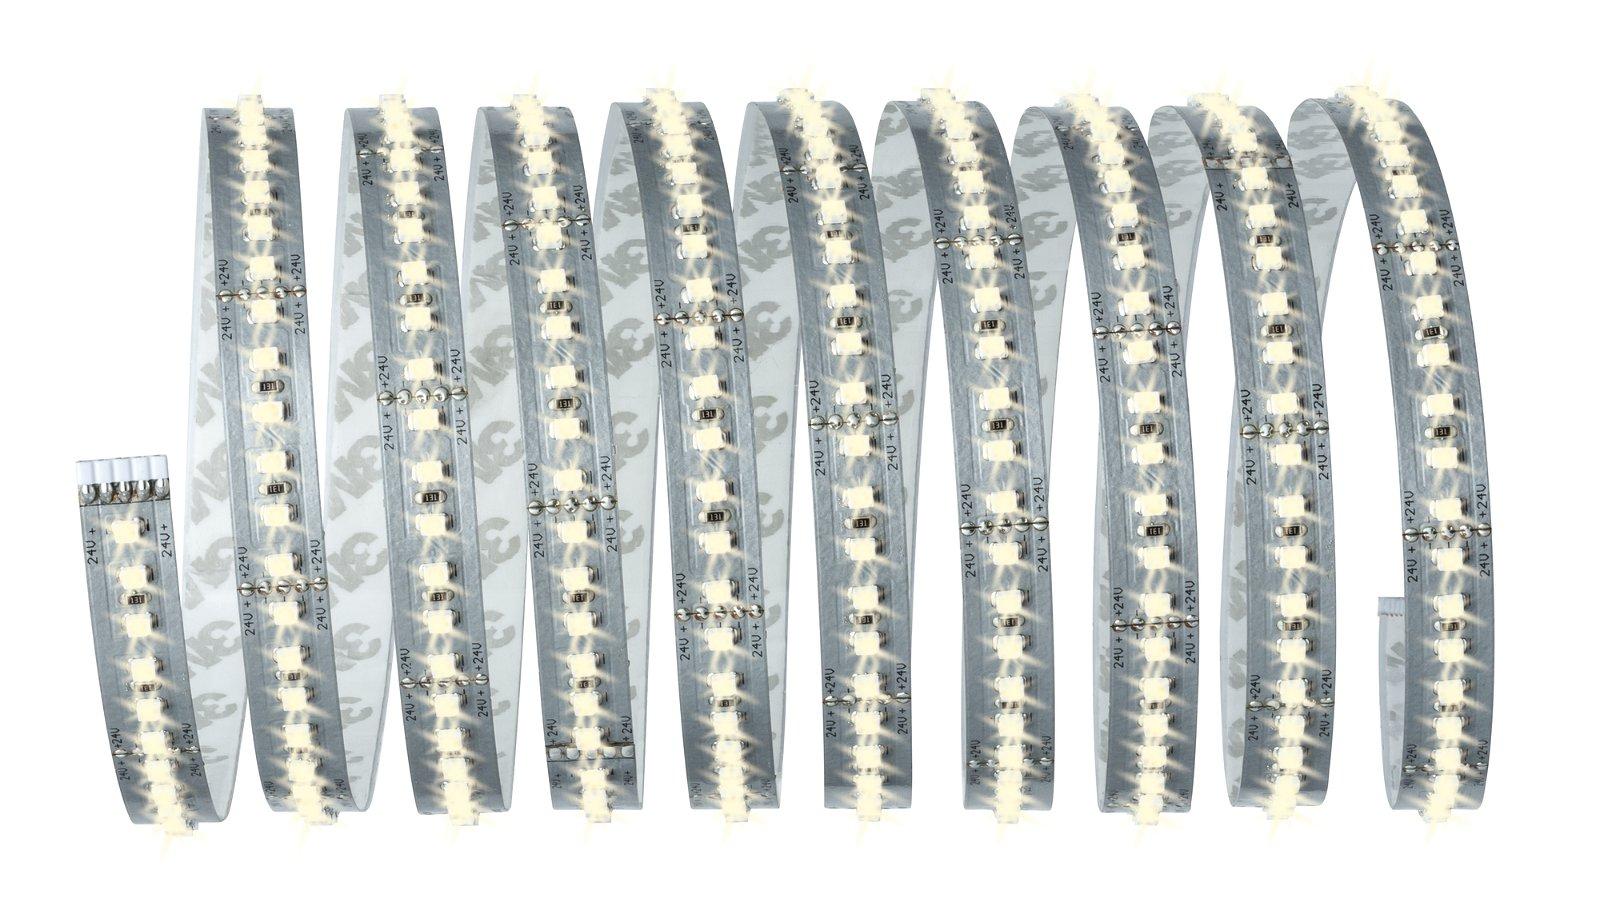 MaxLED 1000 LED Strip Warmweiß 3m 40W 1100lm/m 2700K 75VA